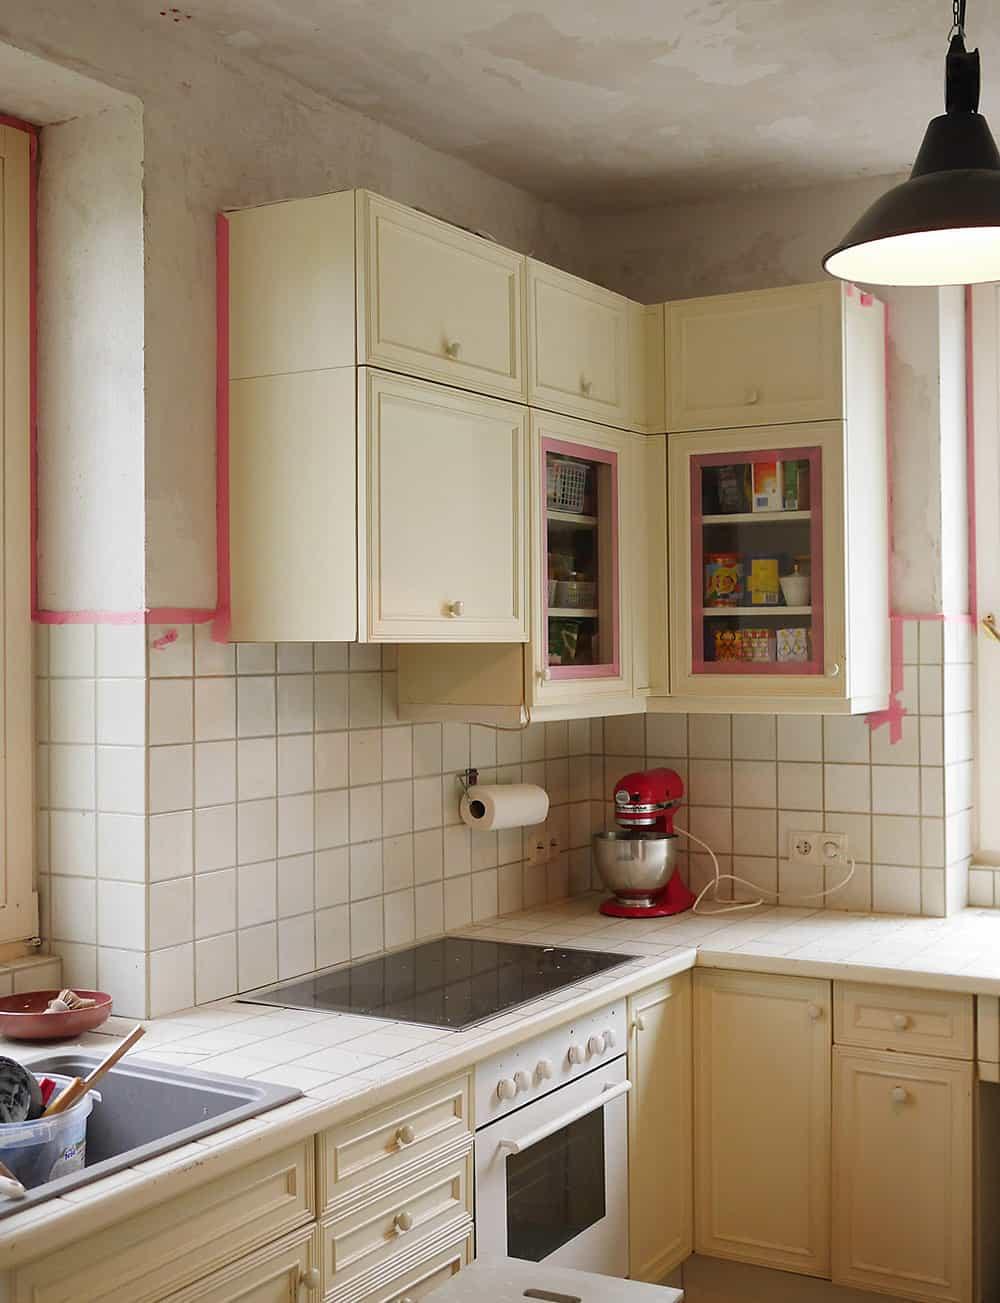 Stylistin Franziska Stremming renoviert ihr neues Haus. Heute zeigt ...